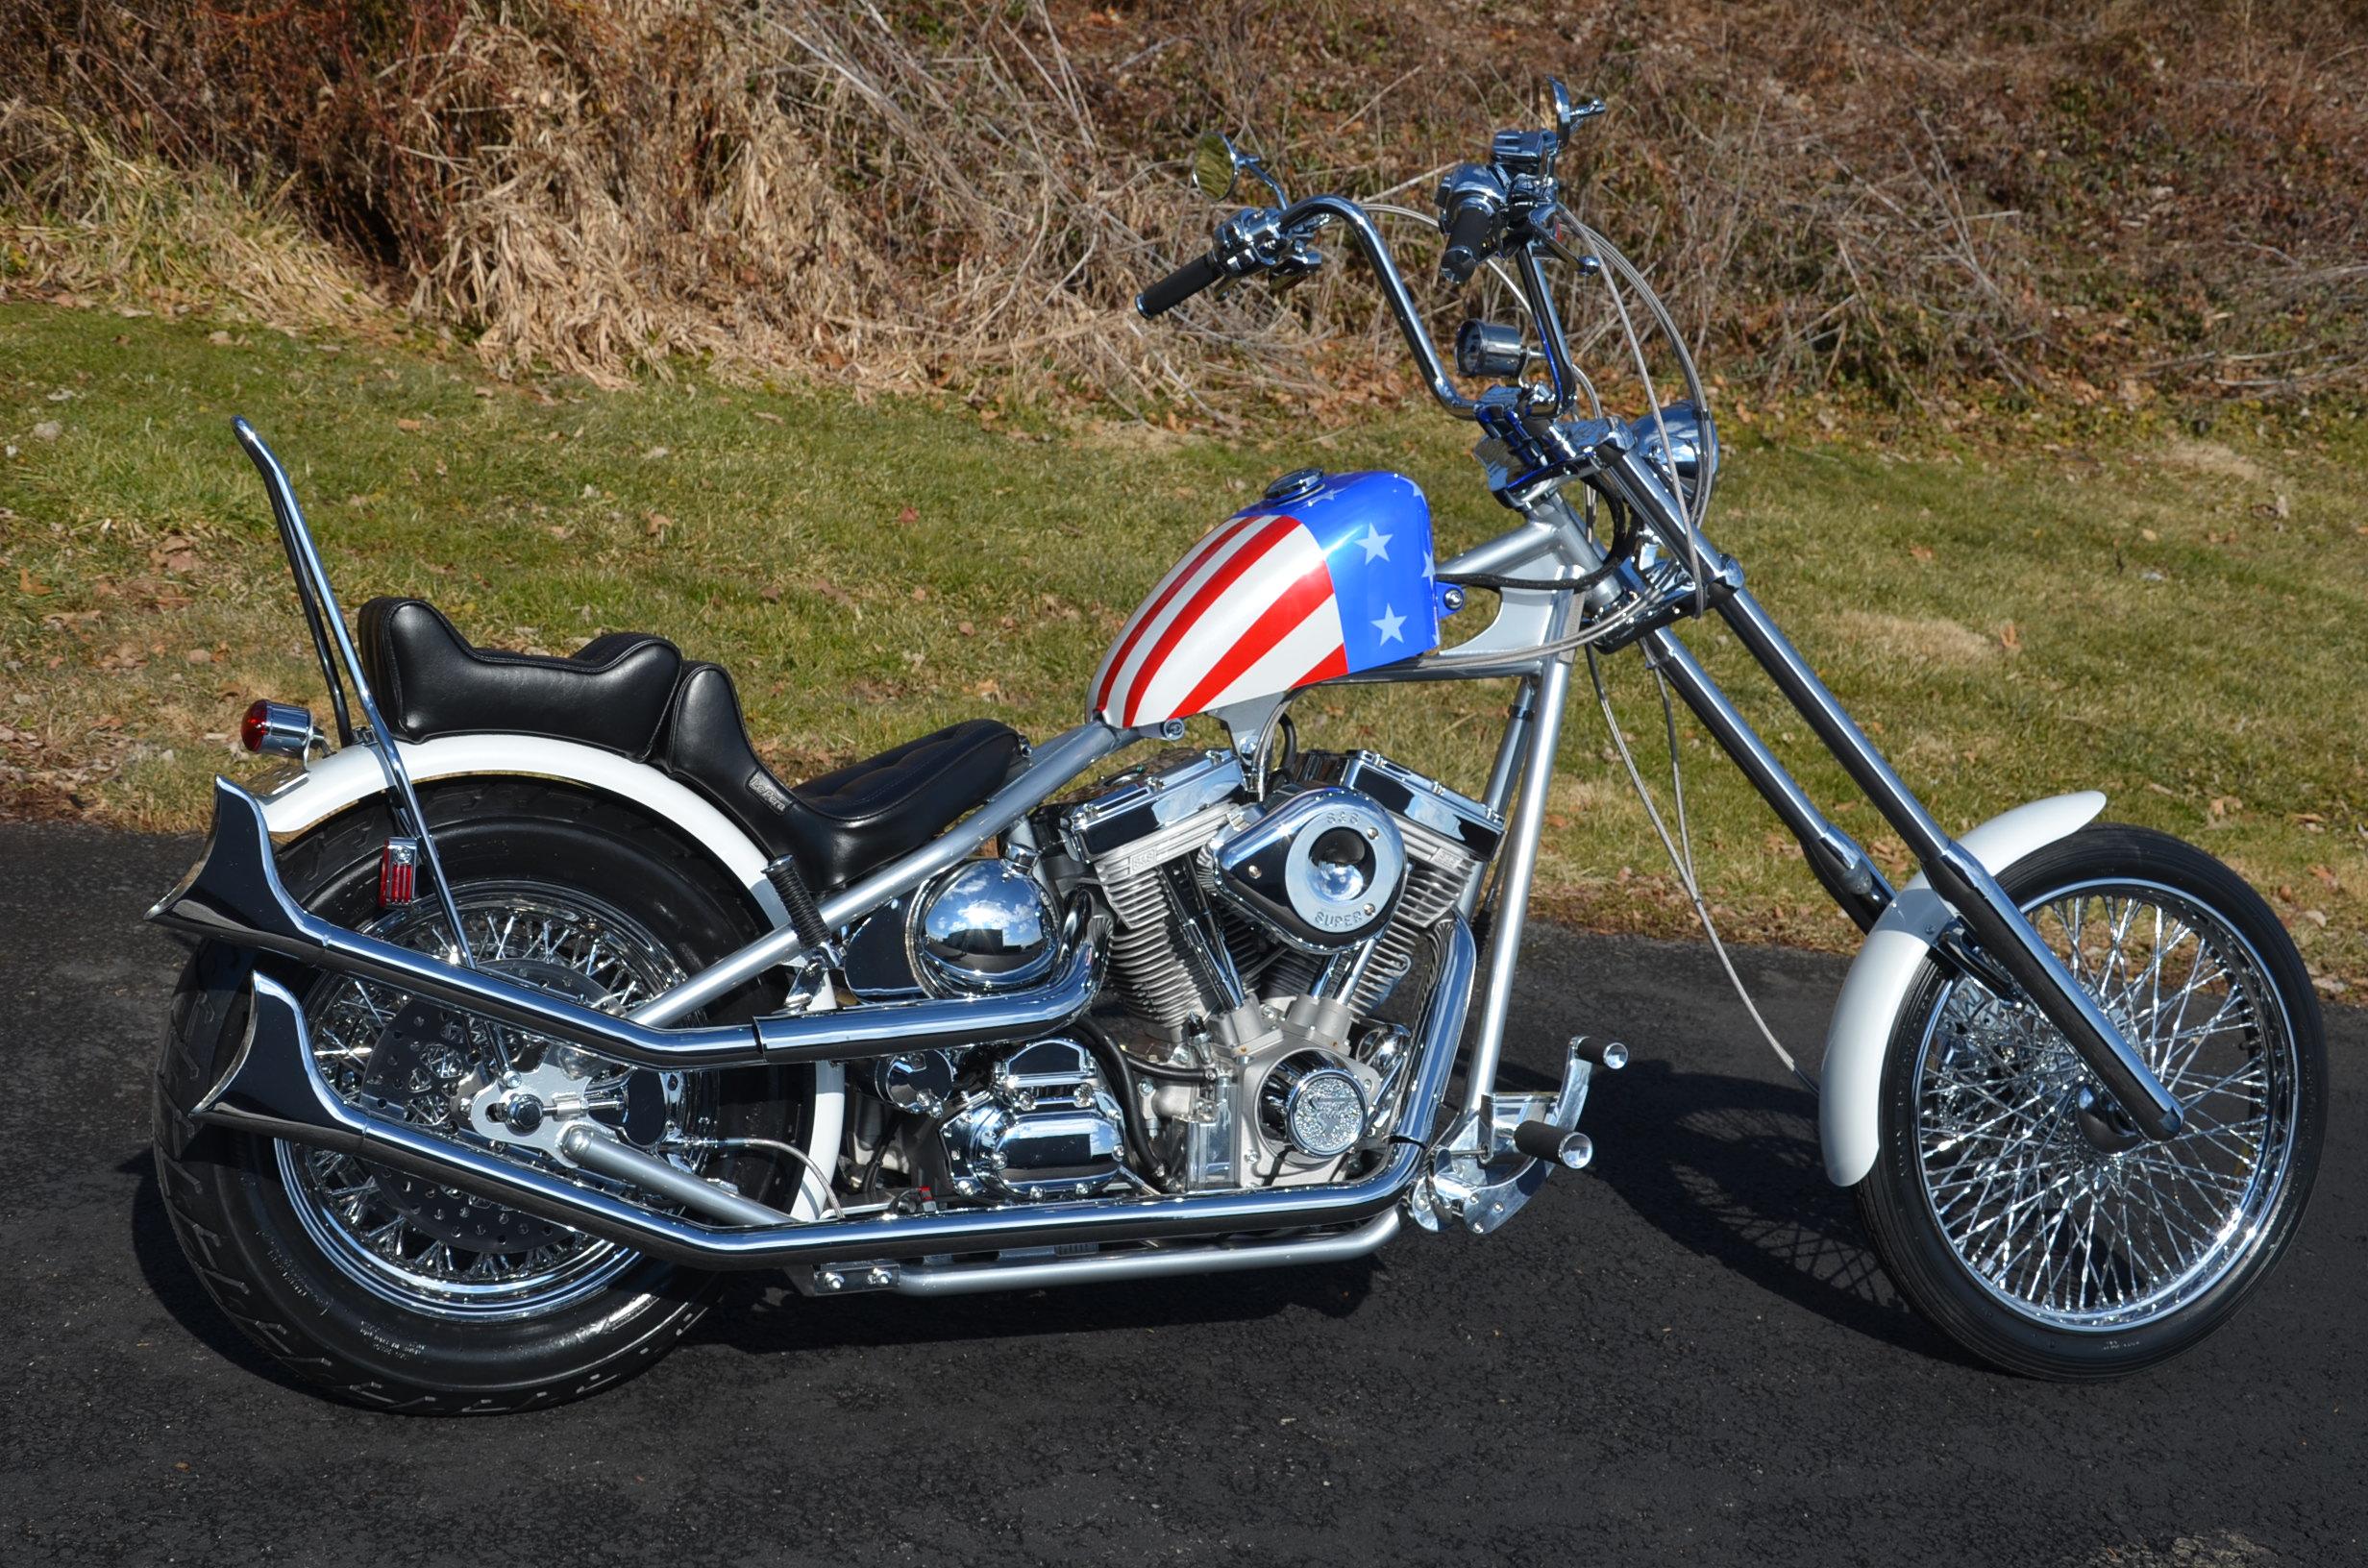 classic captain america chopper - photo #8